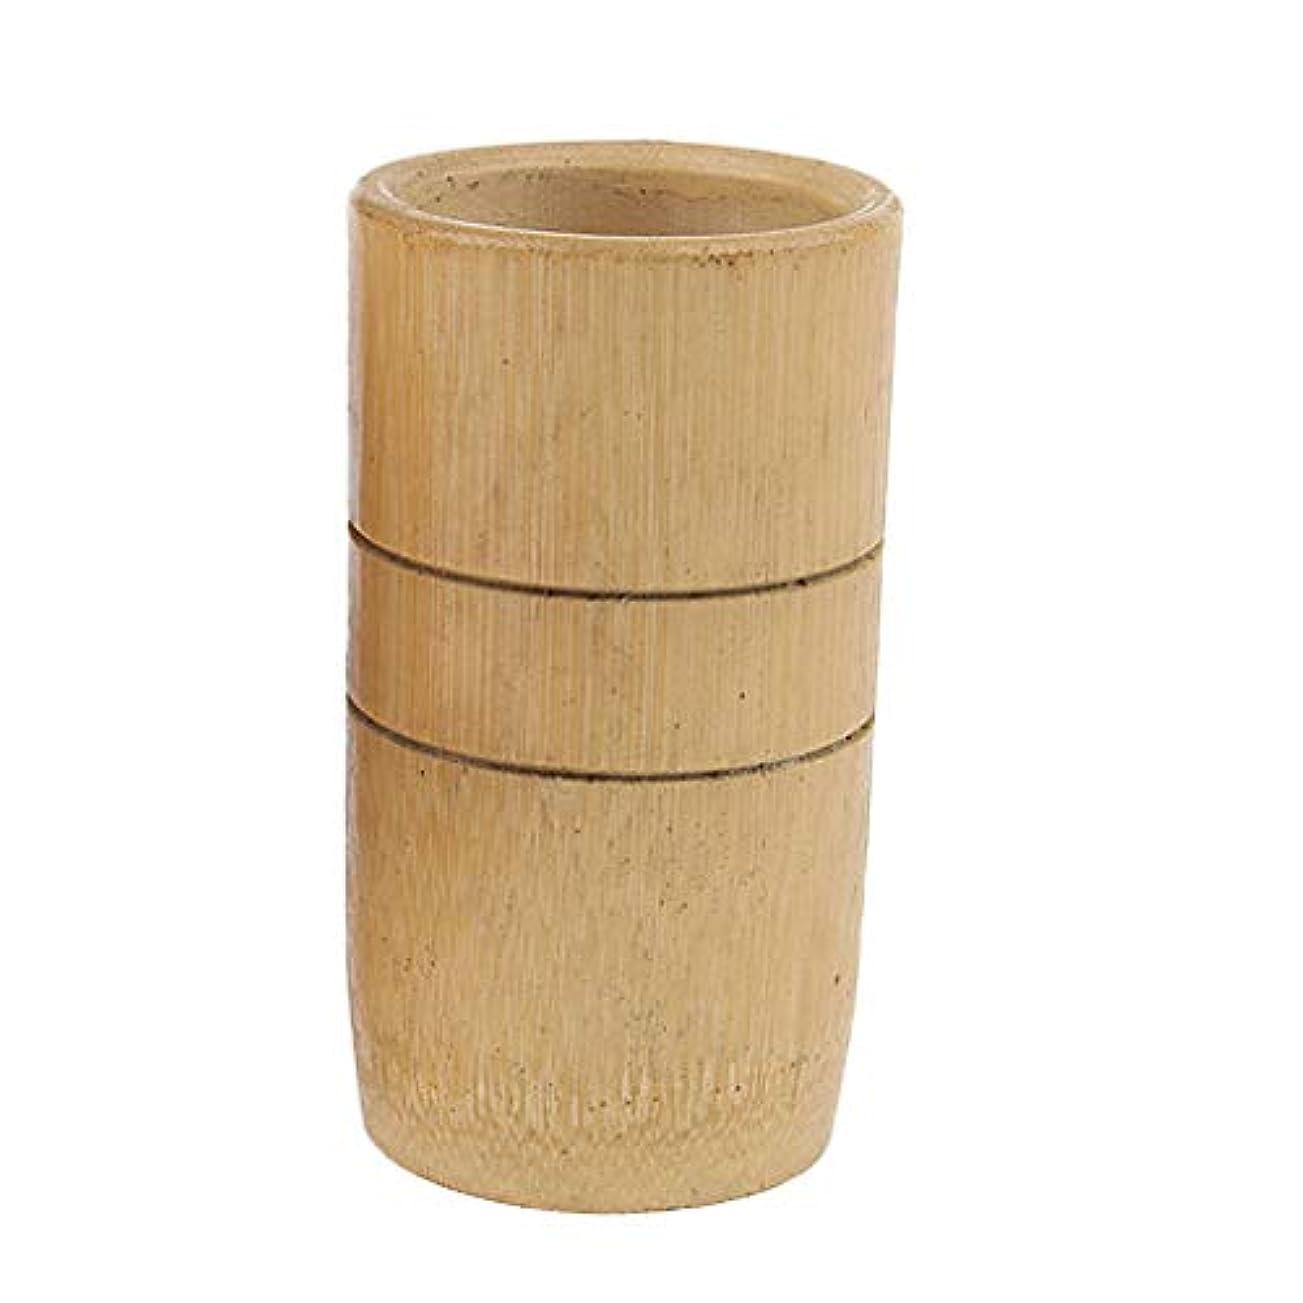 平手打ち被害者細いsharprepublic マッサージ吸い玉 カッピングカップ 天然竹製 サロン 家庭用 2個入